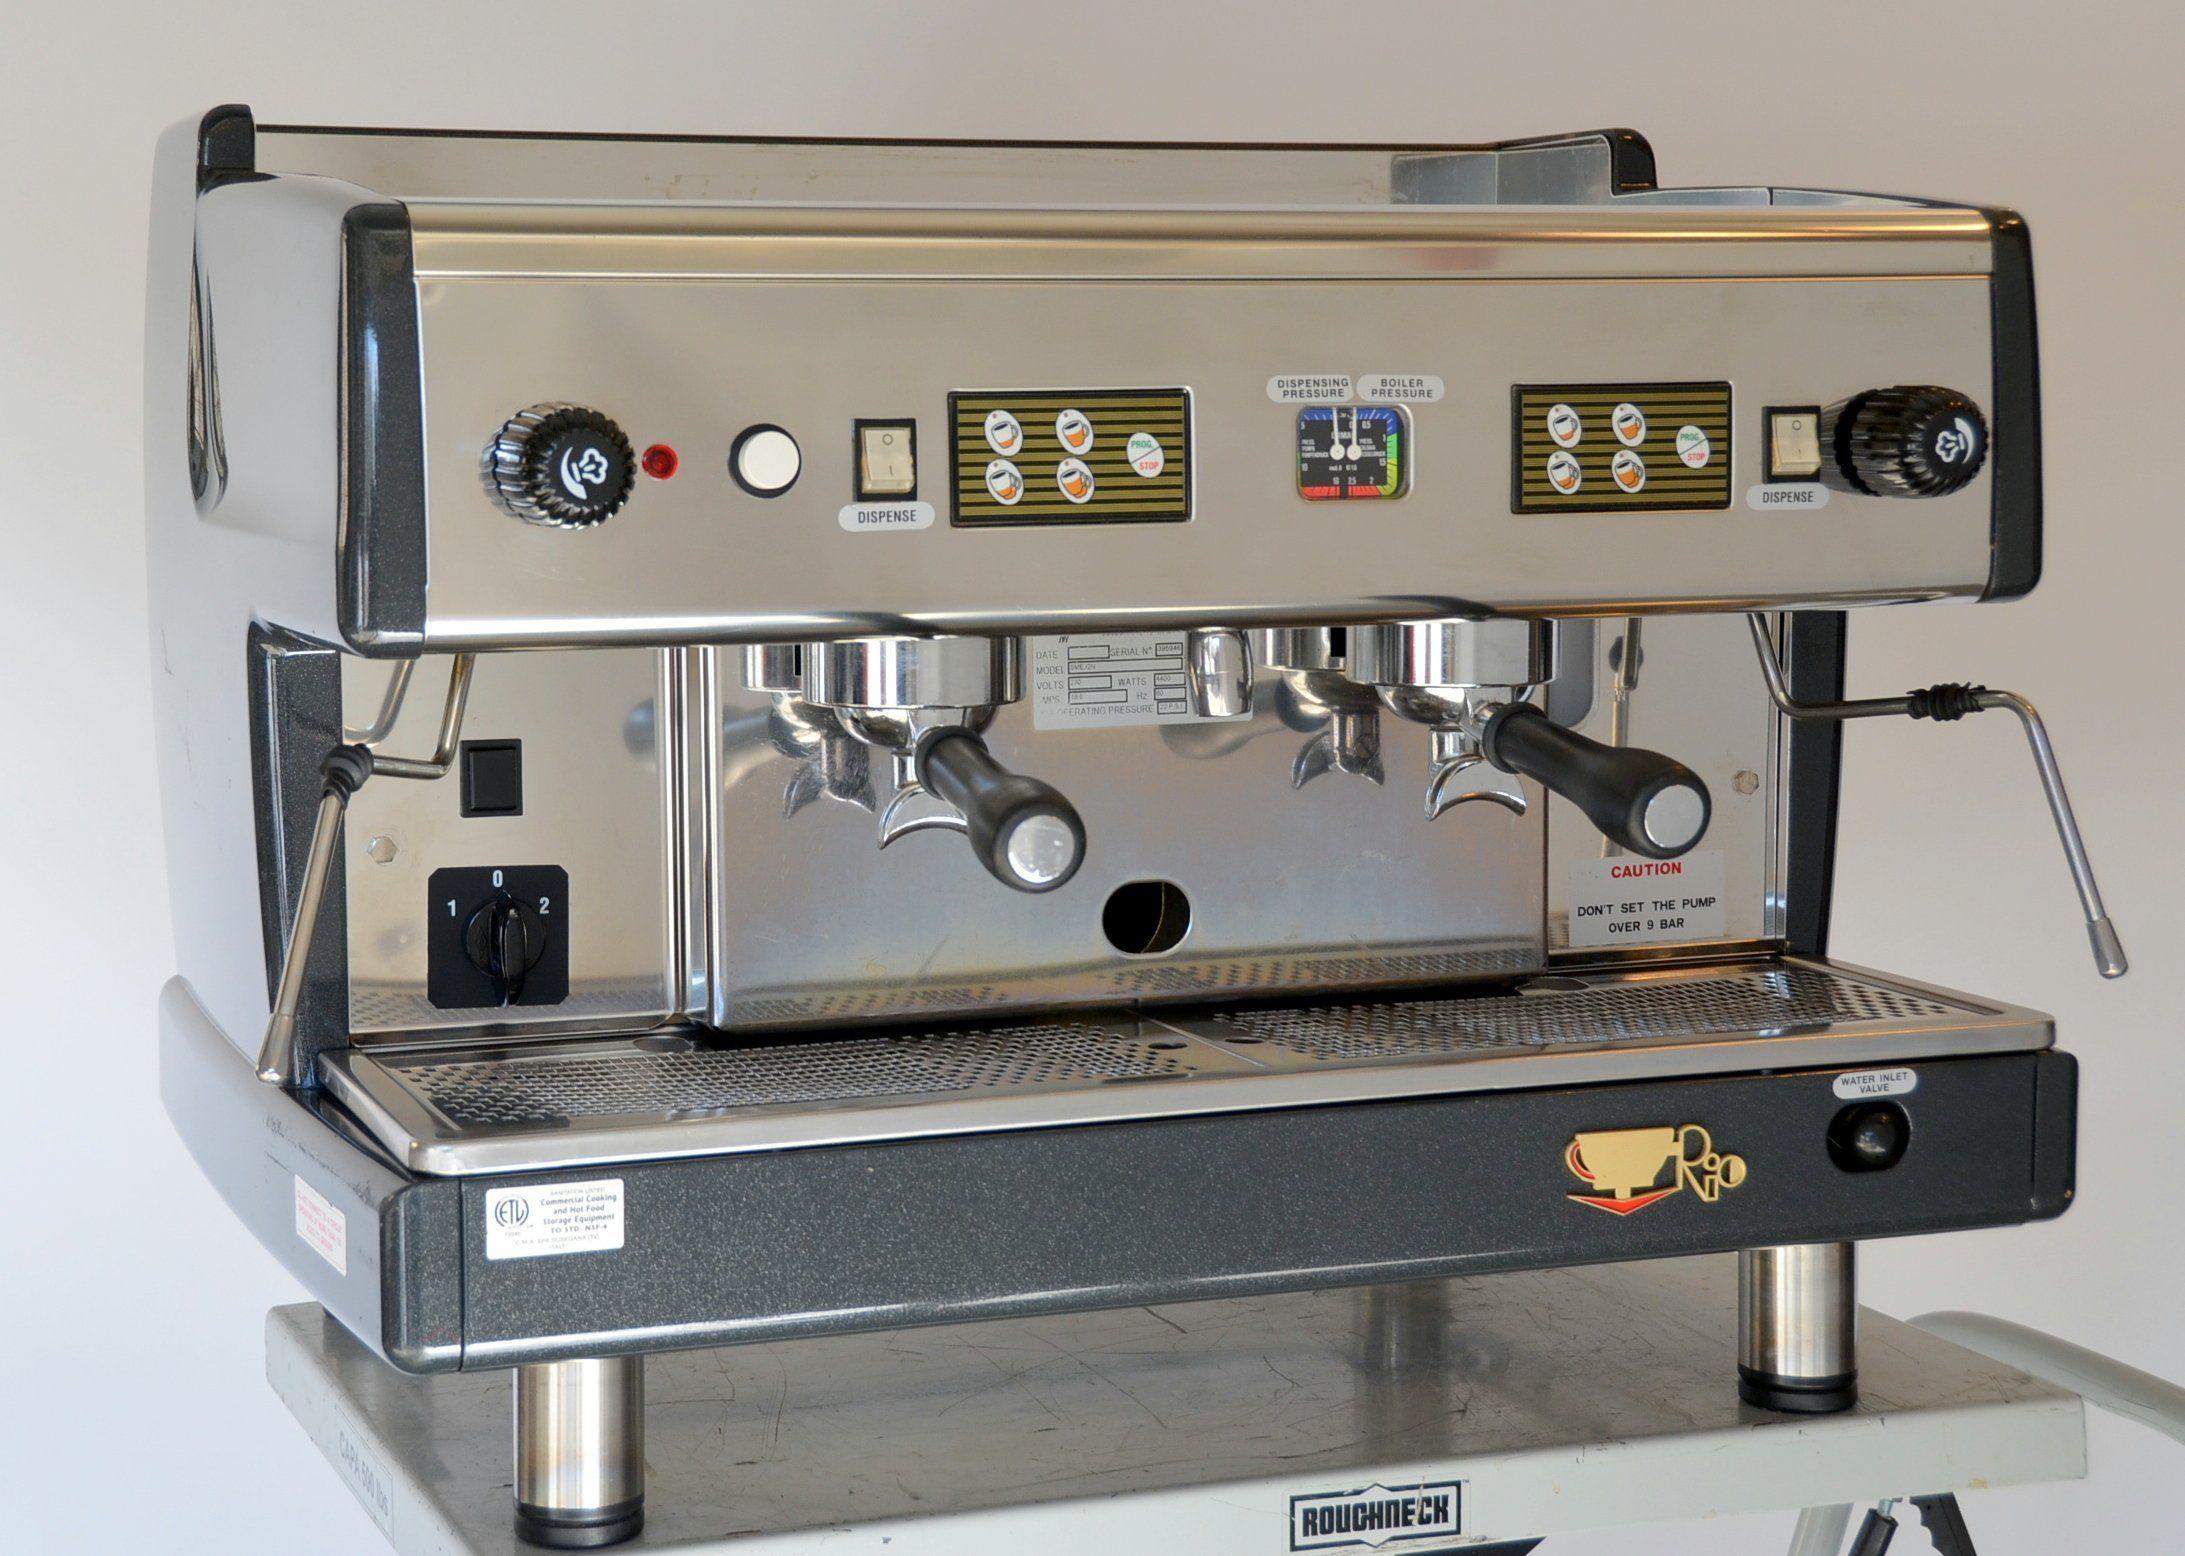 Cma rio sme automatic 2 group commercial espresso machine